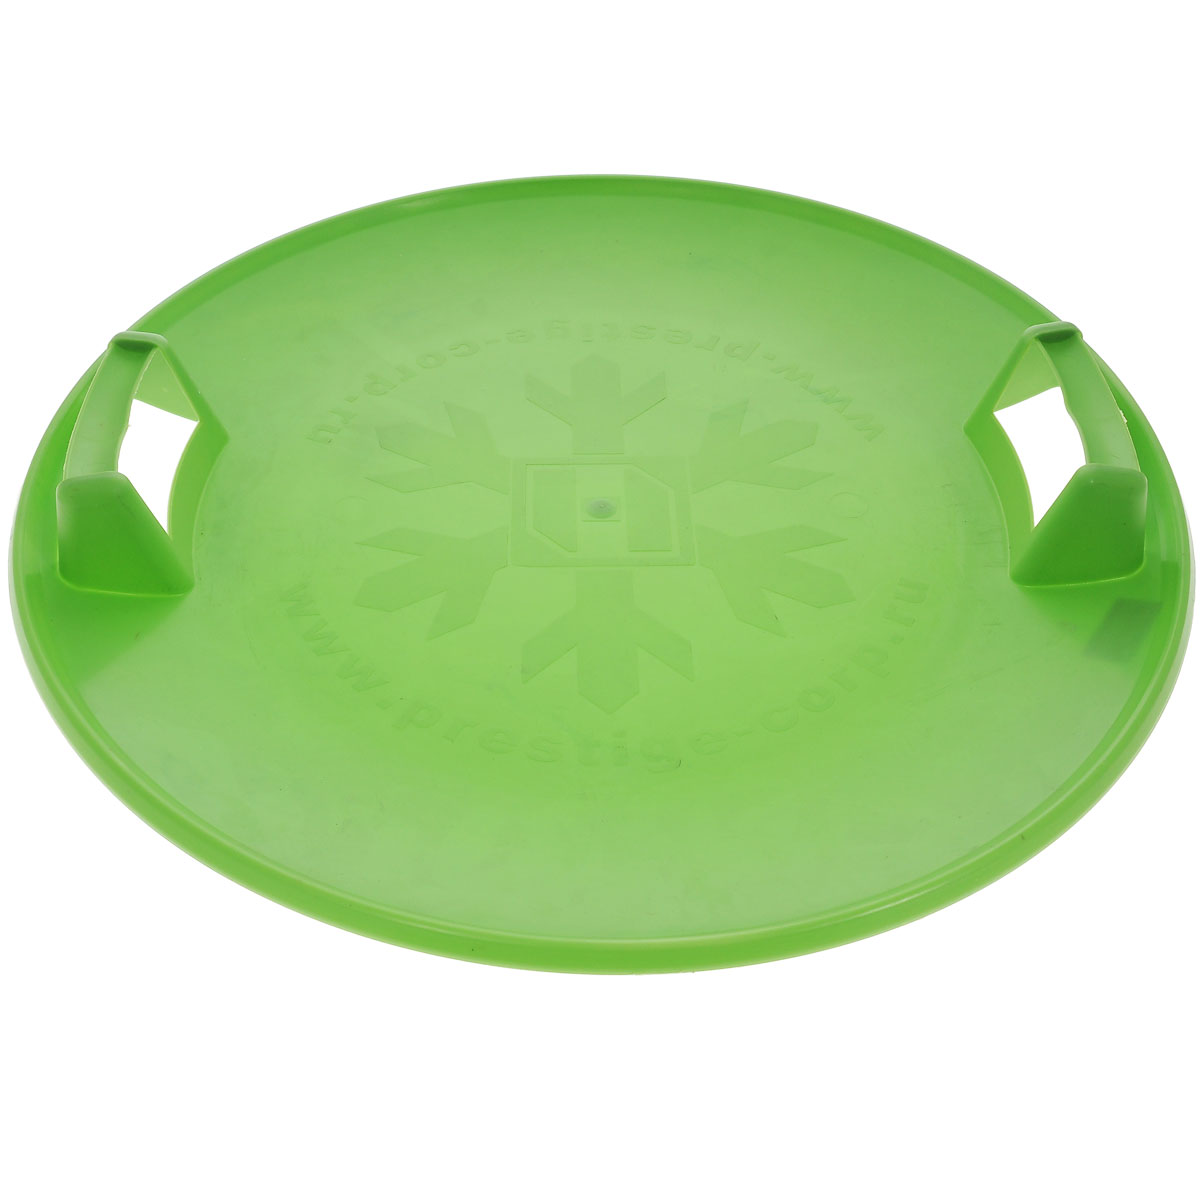 """Санки-ледянки Престиж """"Экстрим"""", с пластиковыми ручками, цвет: зеленый, диаметр 58 см"""